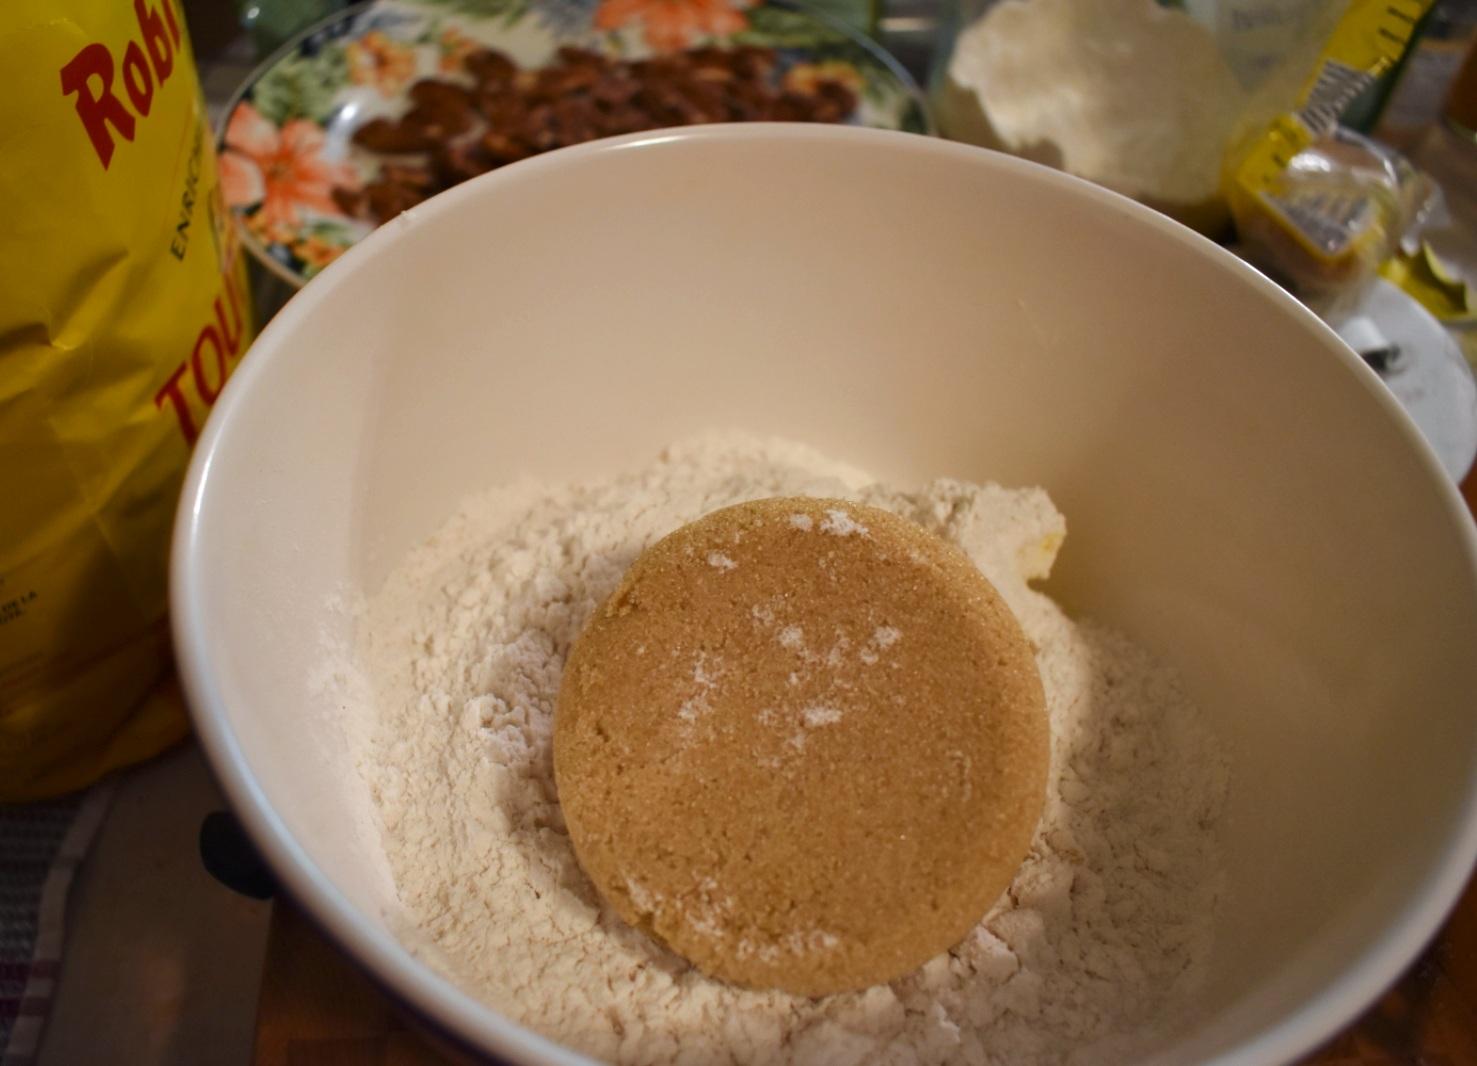 Carrés de gâteau au fromage fraise-rhubarbe - Auboutdelalangue.com (3)